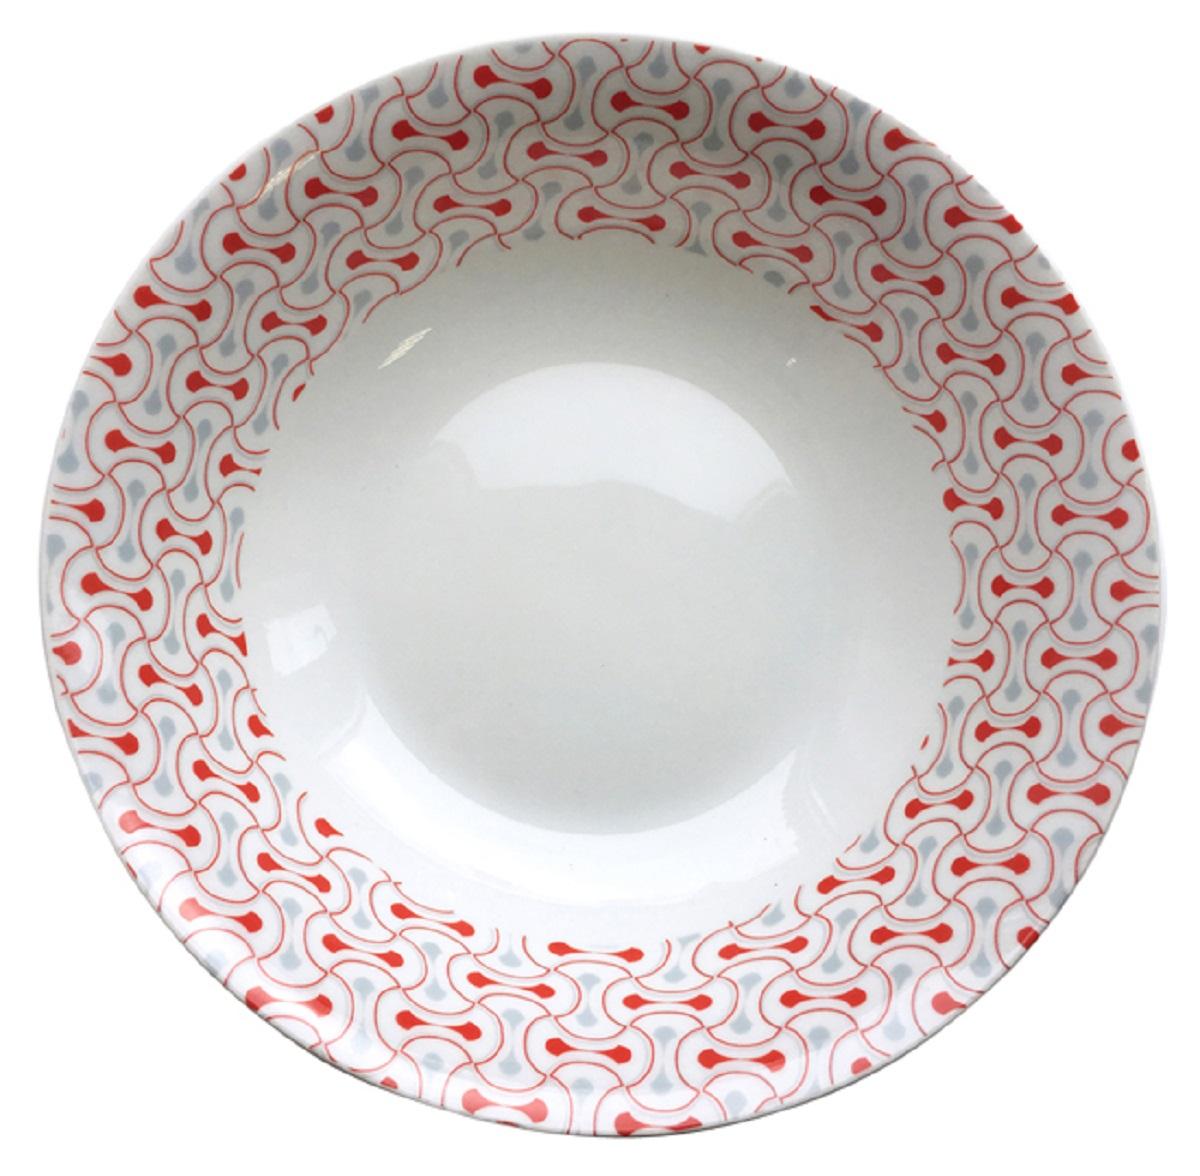 Миска суповая МФК-профит ВеРона, диаметр 18 см ложка кулинарная мфк профит comfort длина 32 см